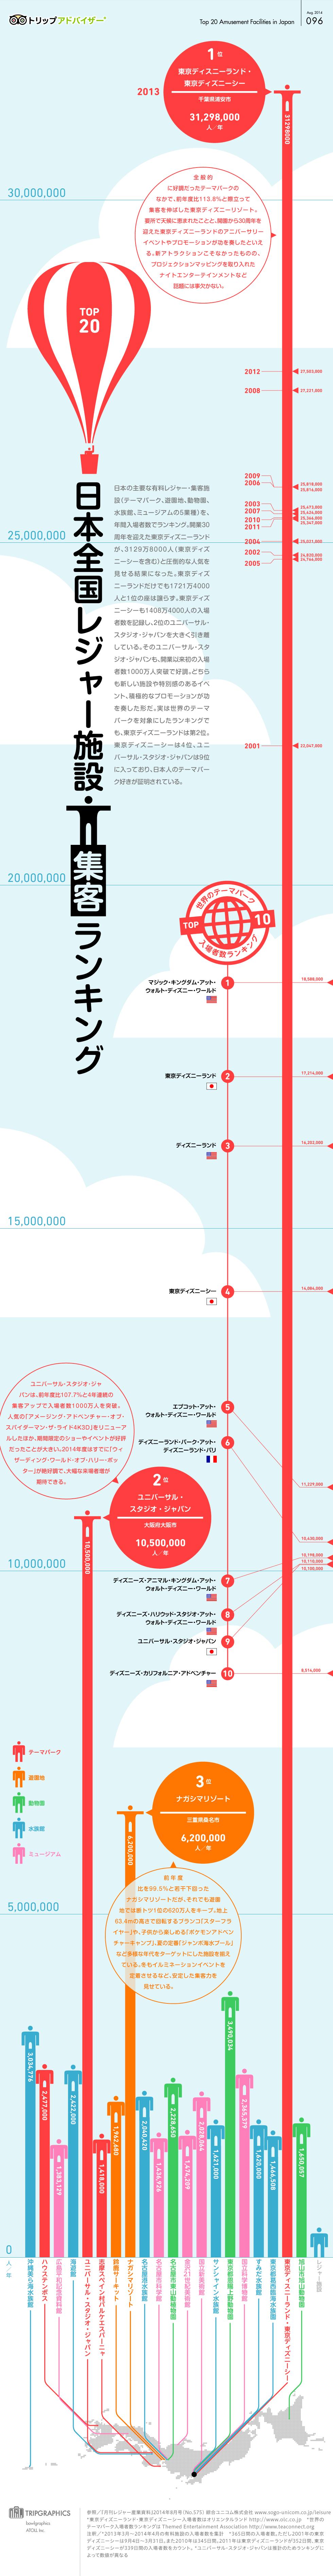 インフォグラフィック:国内人気テーマパーク集客ランキング!断トツNo.1はディズニーリゾート